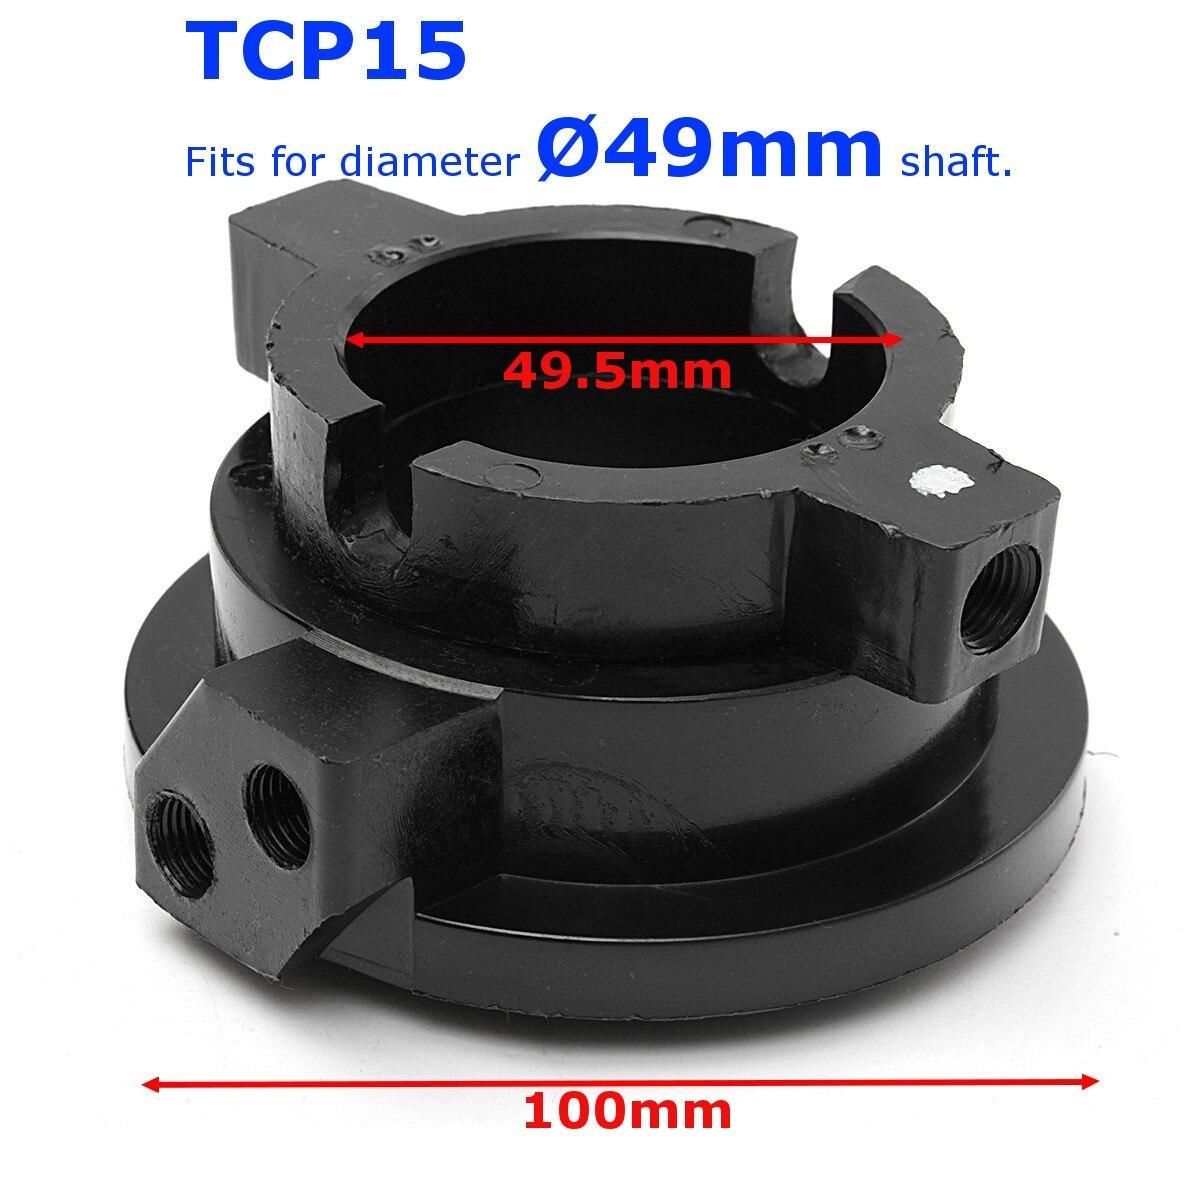 자동차 자동차 휠 타이어 타이어 체인저 로터리 커플러 커플 링 공기 밸브 TCP15